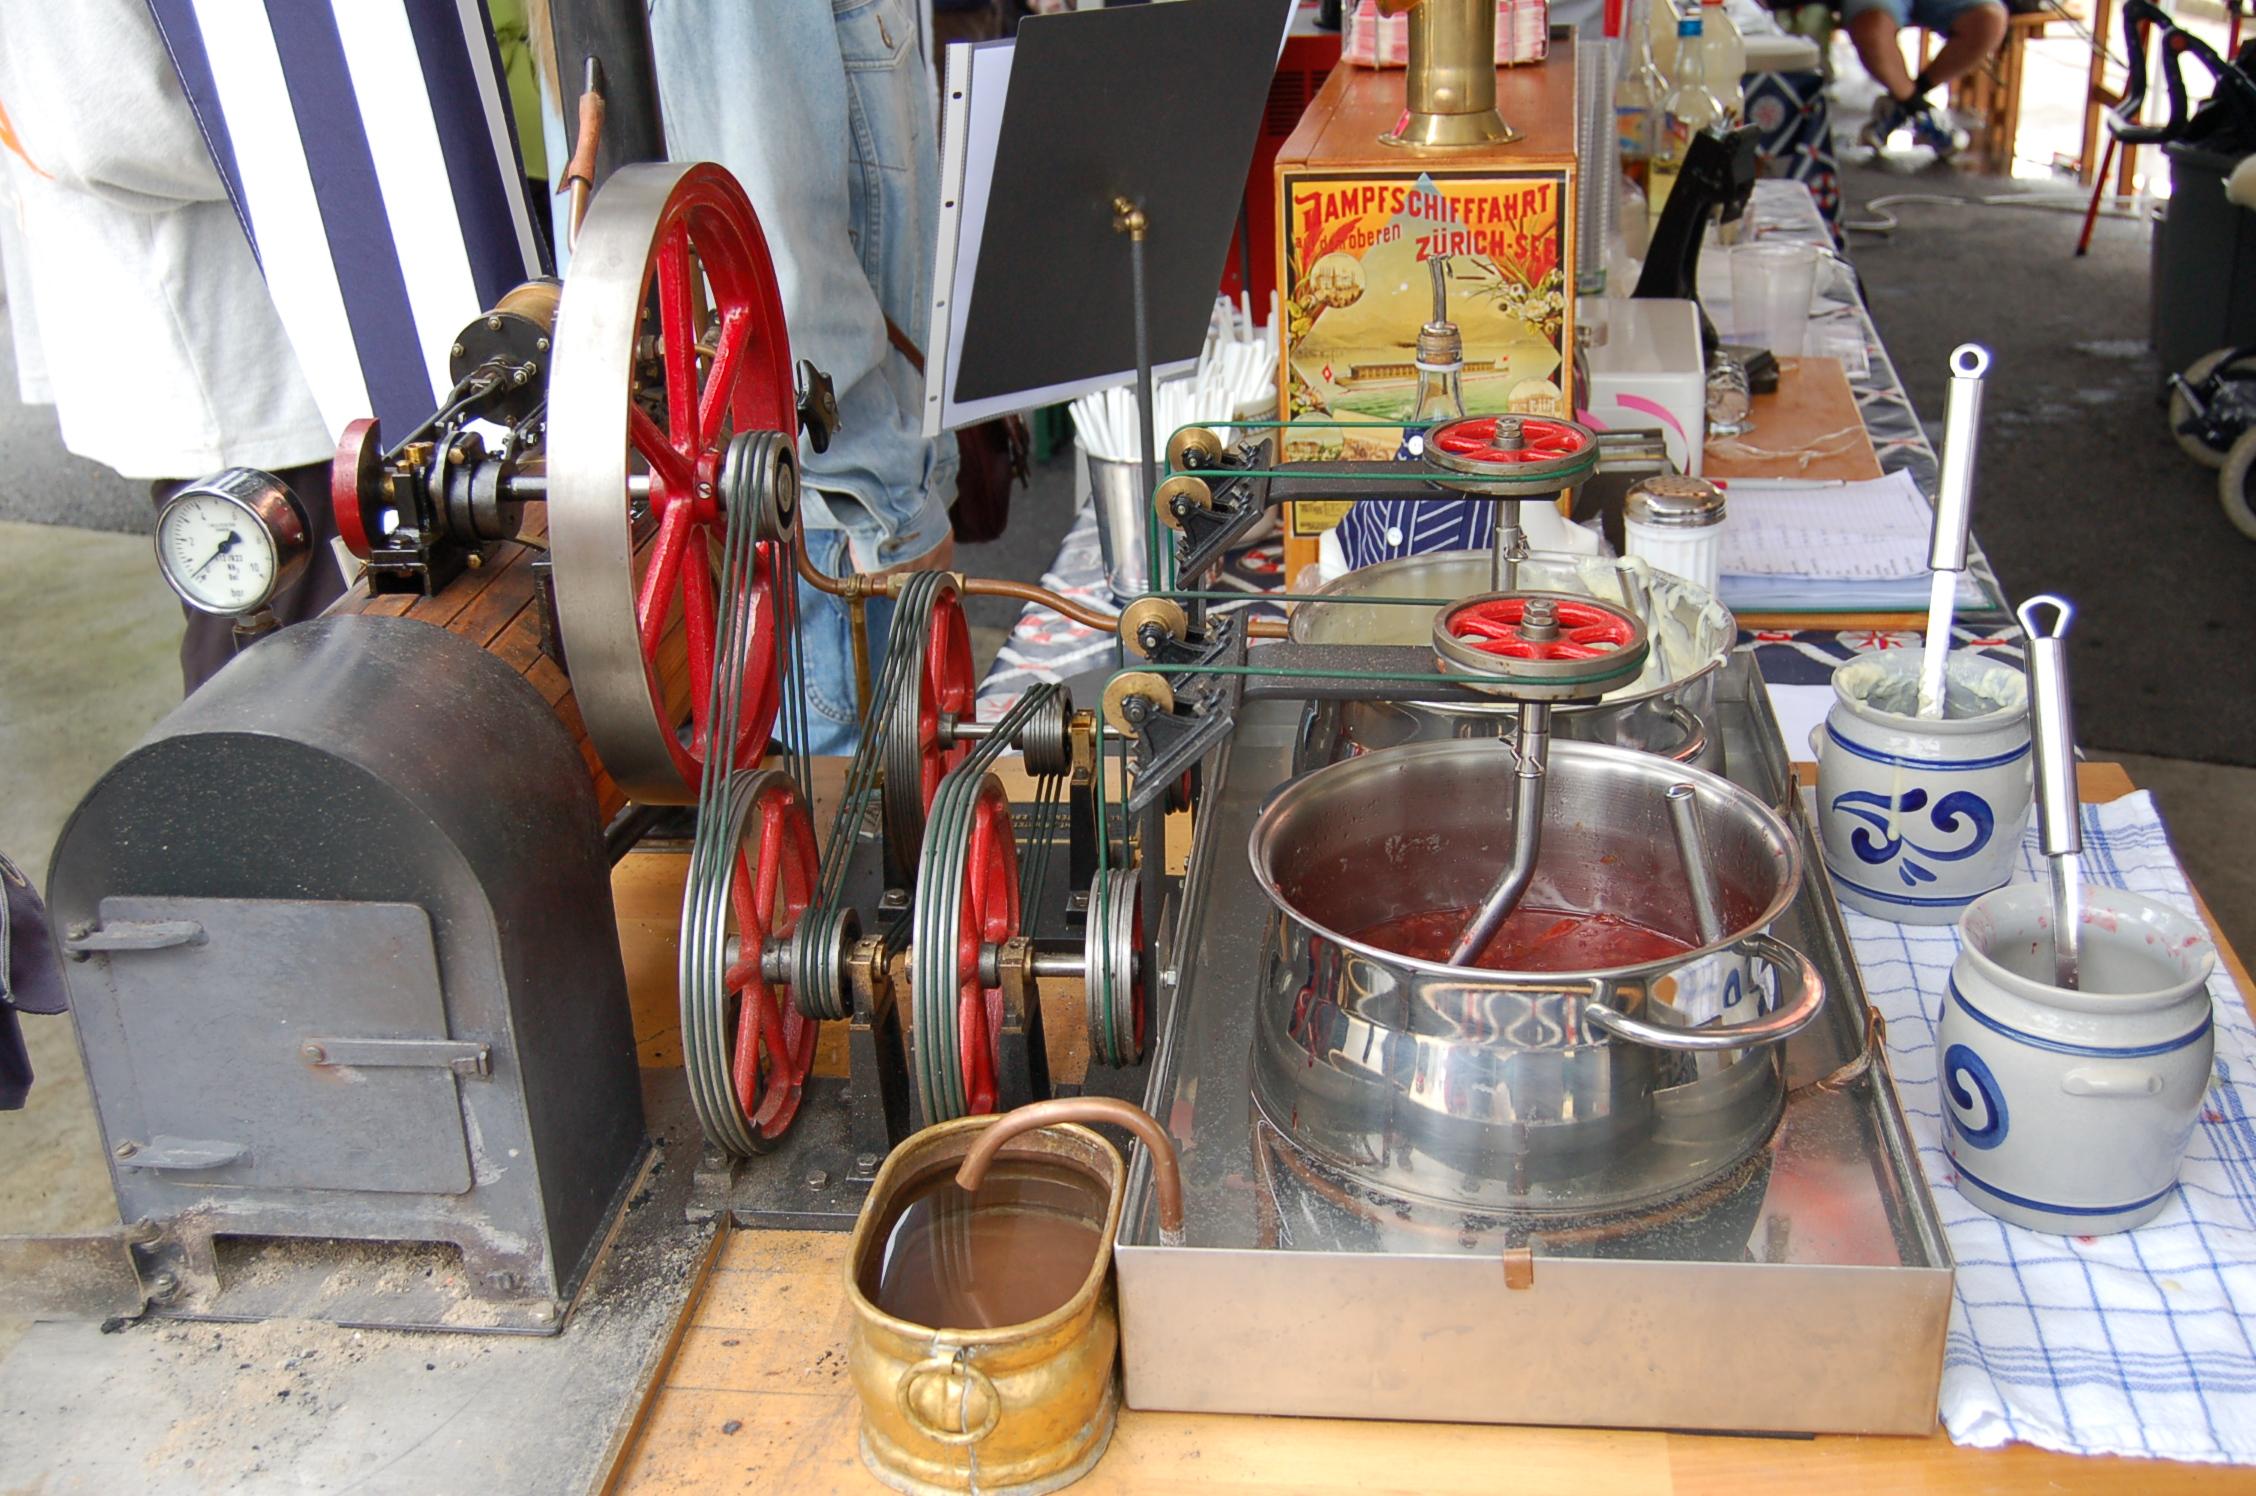 Cuisine la vapeur notre histoire for Cuisine a la vapeur